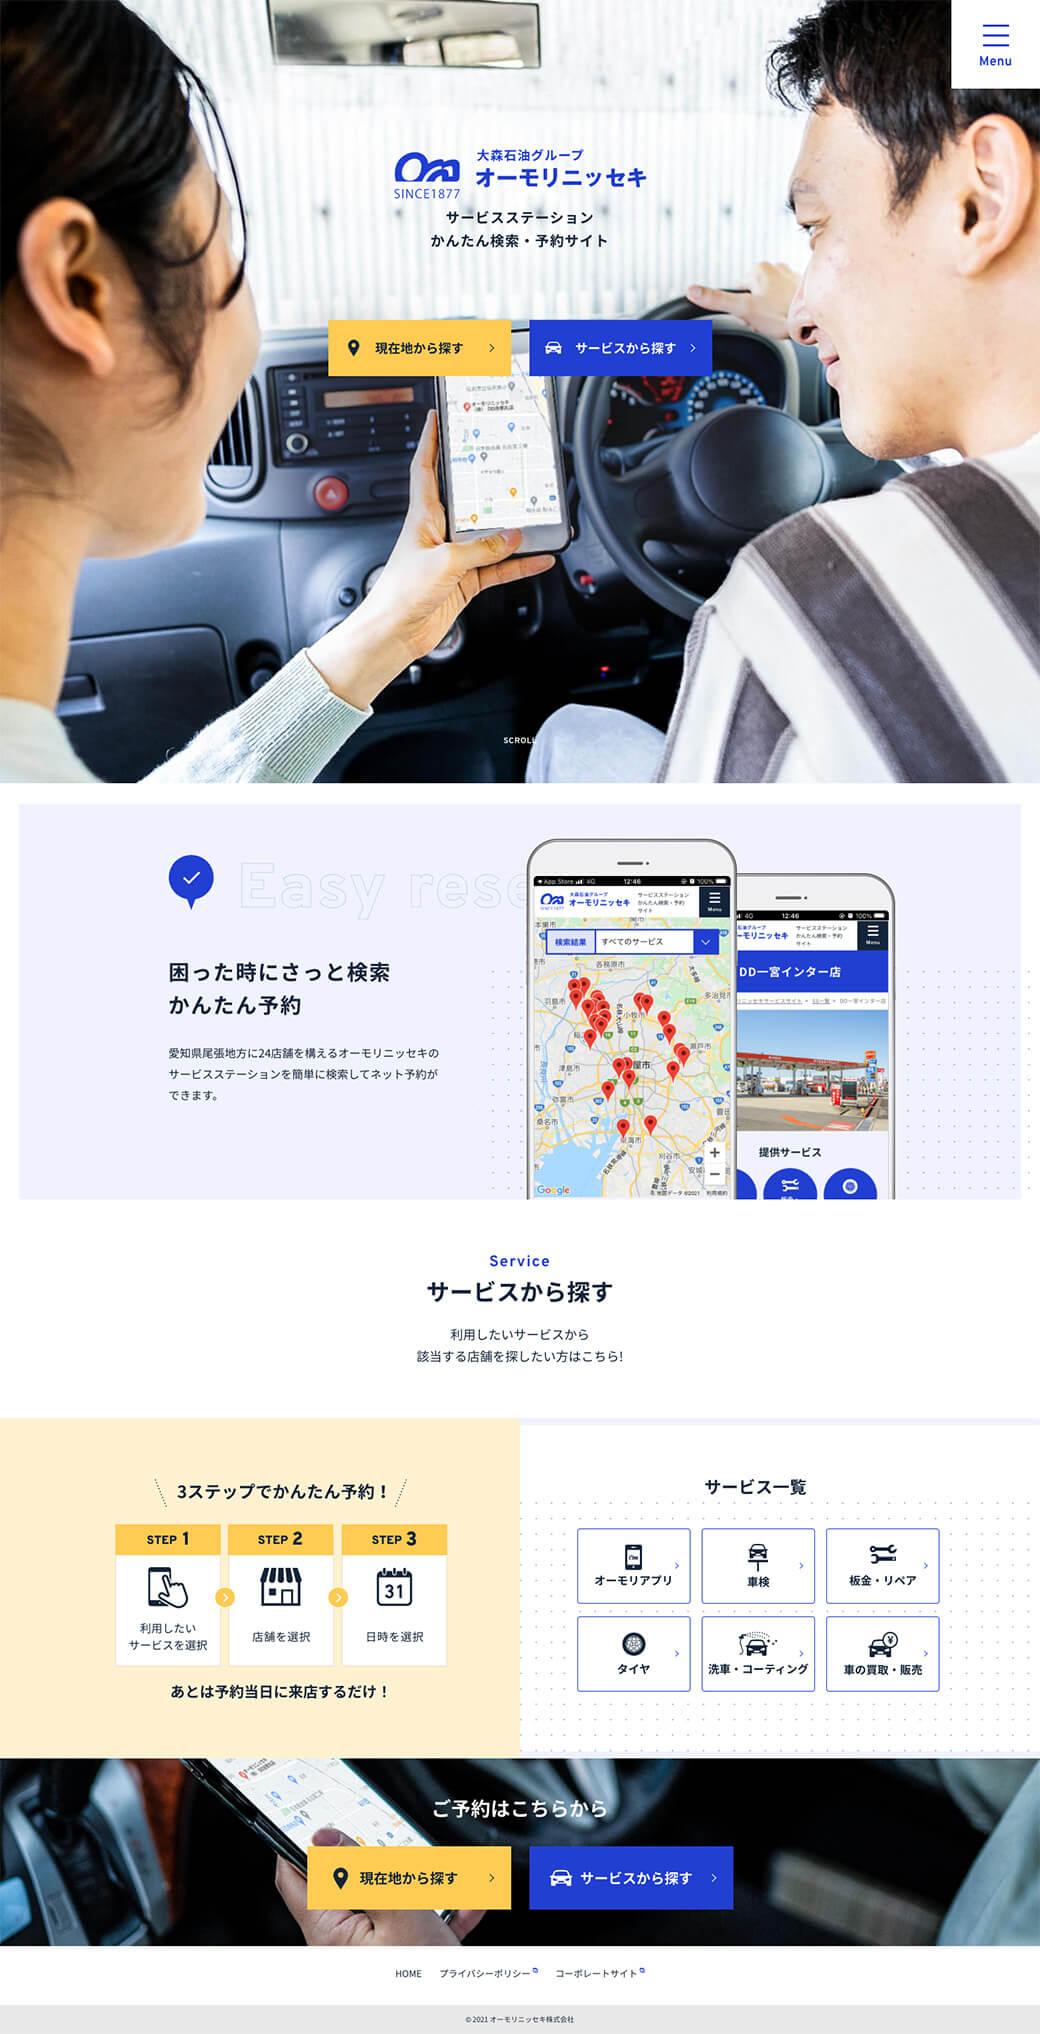 サービス トップページ